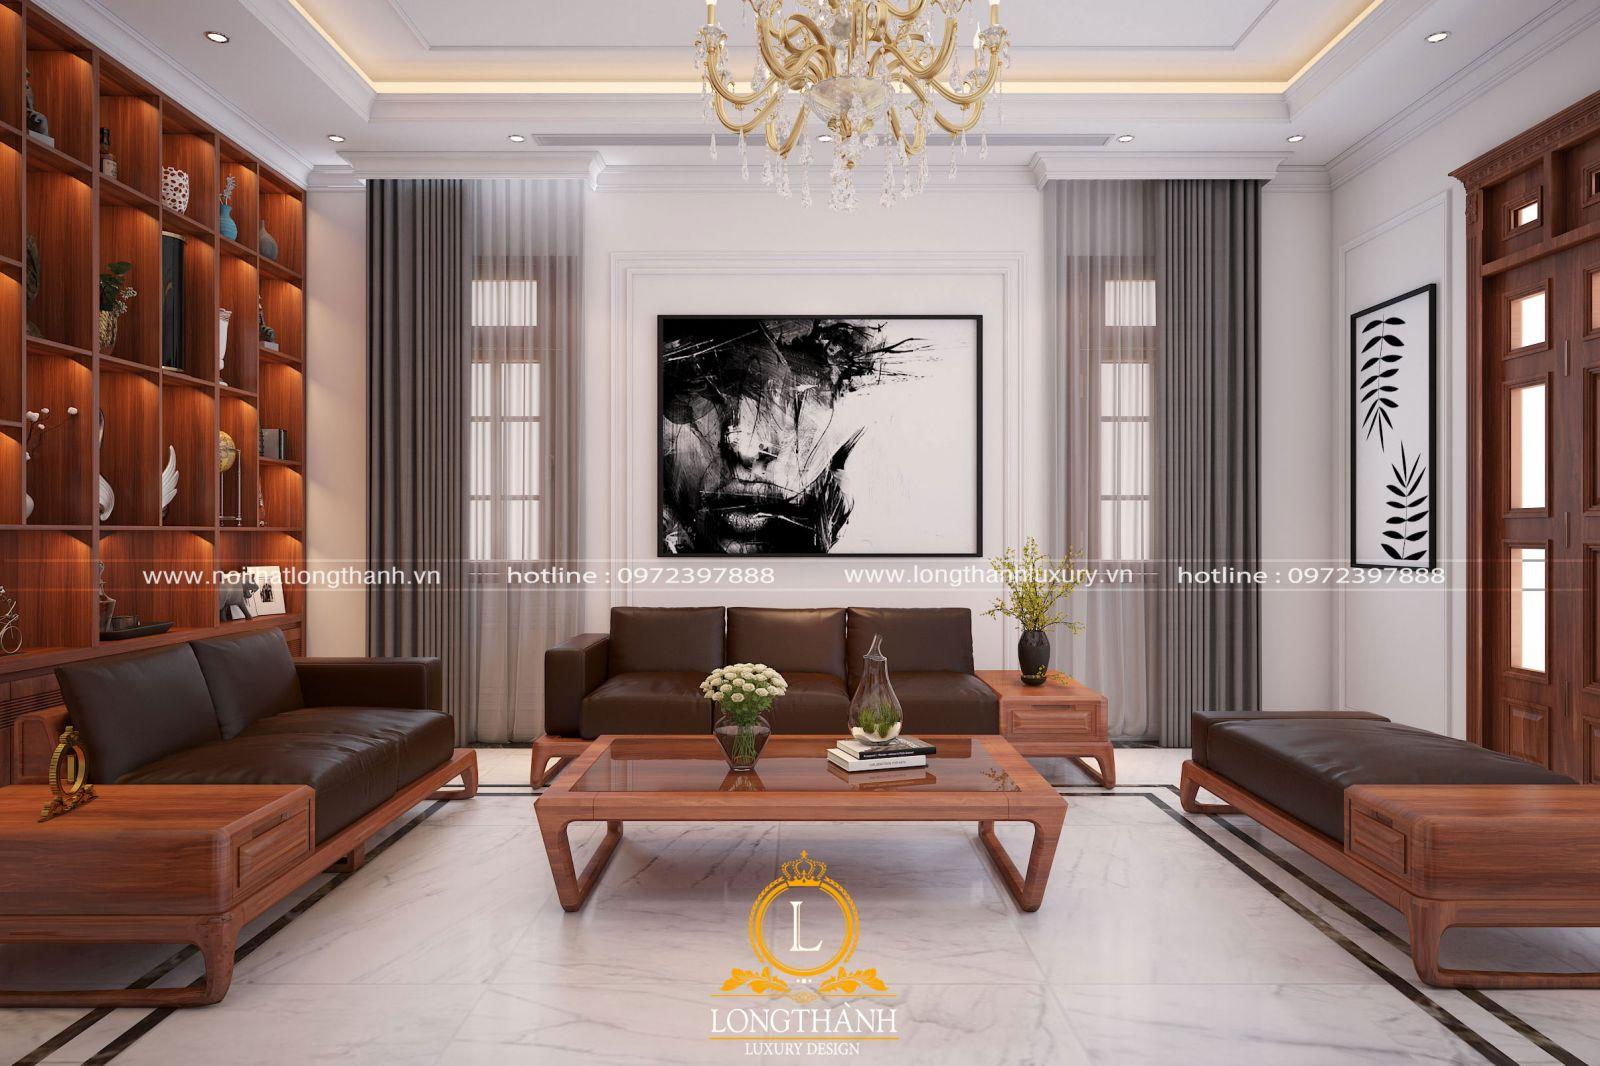 Phòng khách hiện đại với gam màu trắng trên các diện trần tường